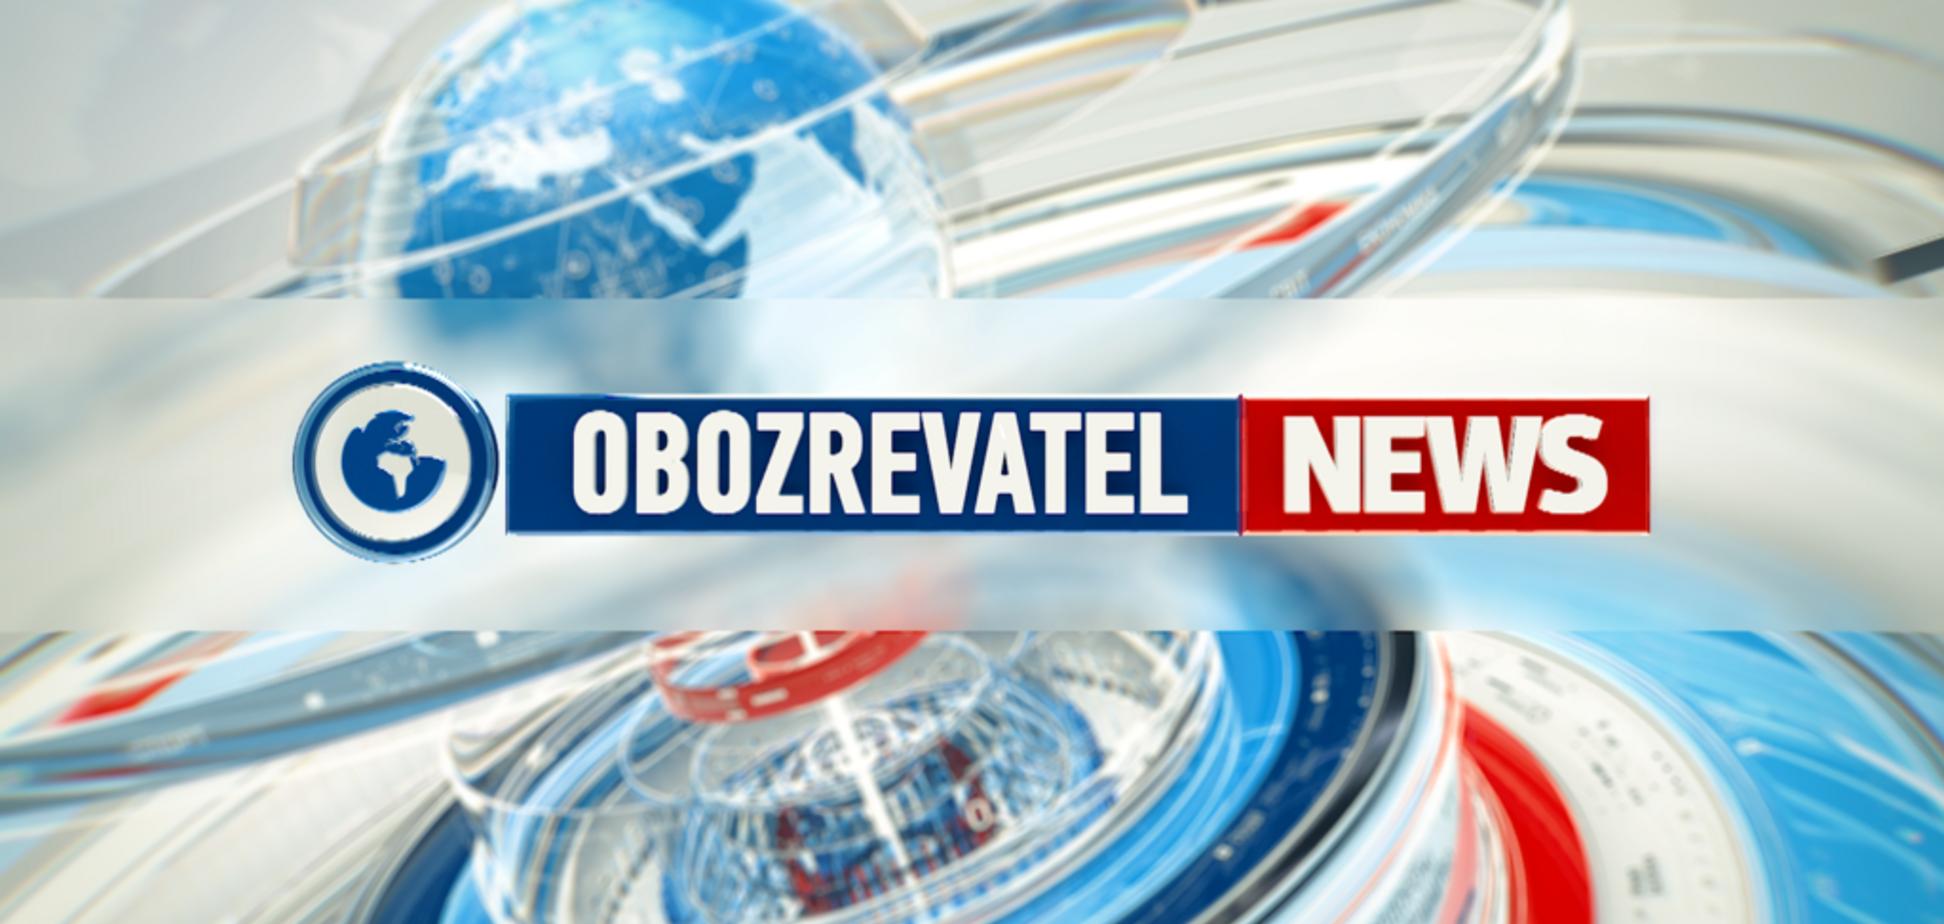 Дети из семьи Суслякив вернулись в Украину: Obozrevatel News